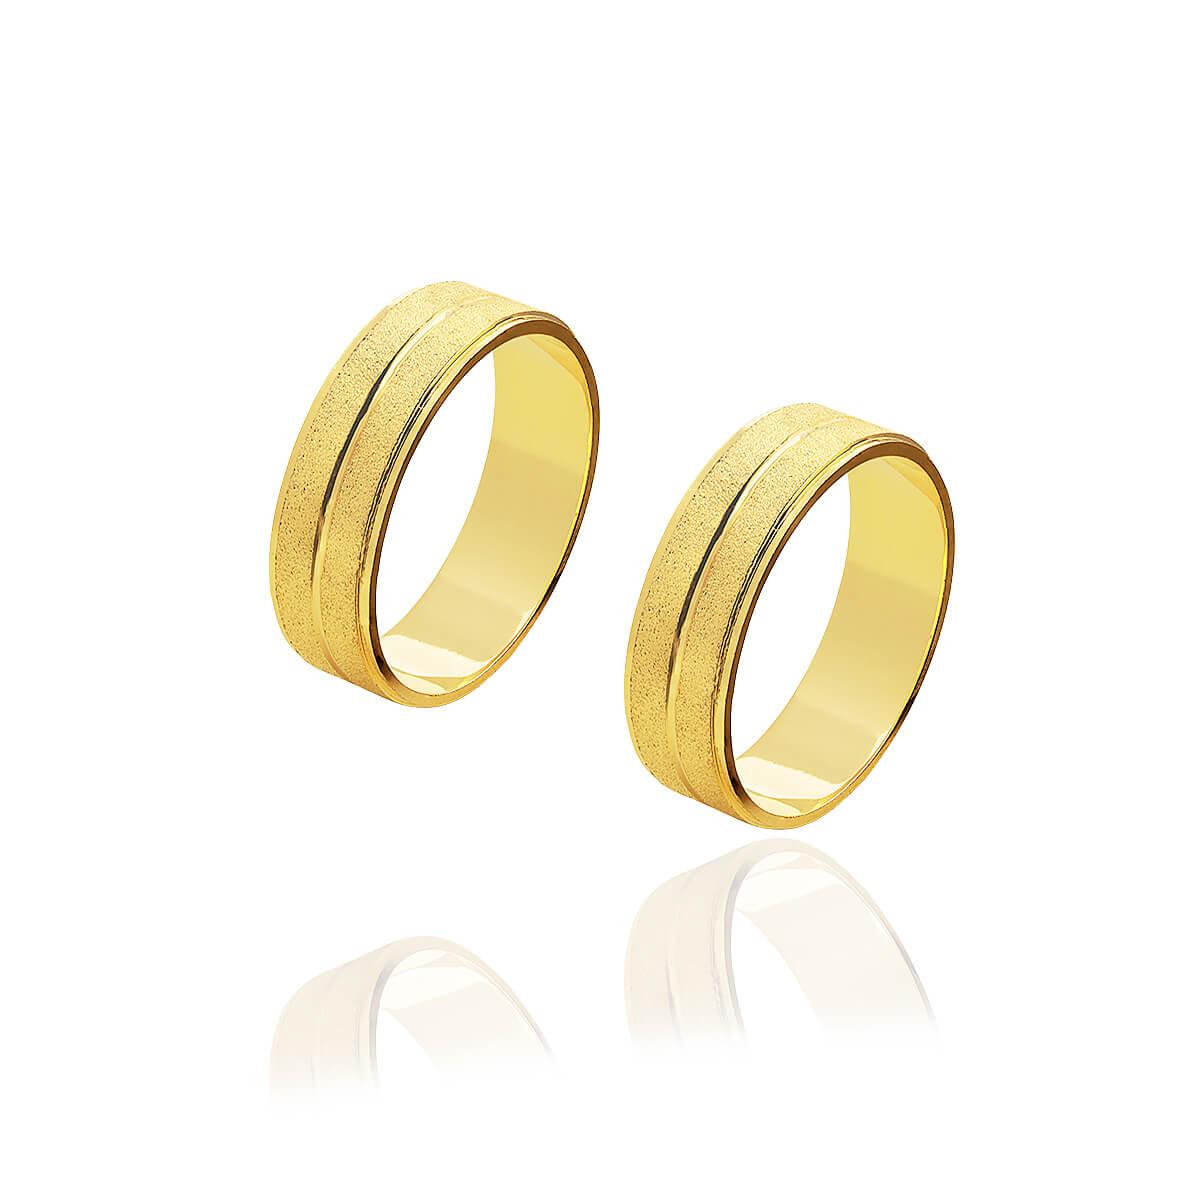 Par de Alianças de Ouro Diamantadas com friso central de 6 mm 6g